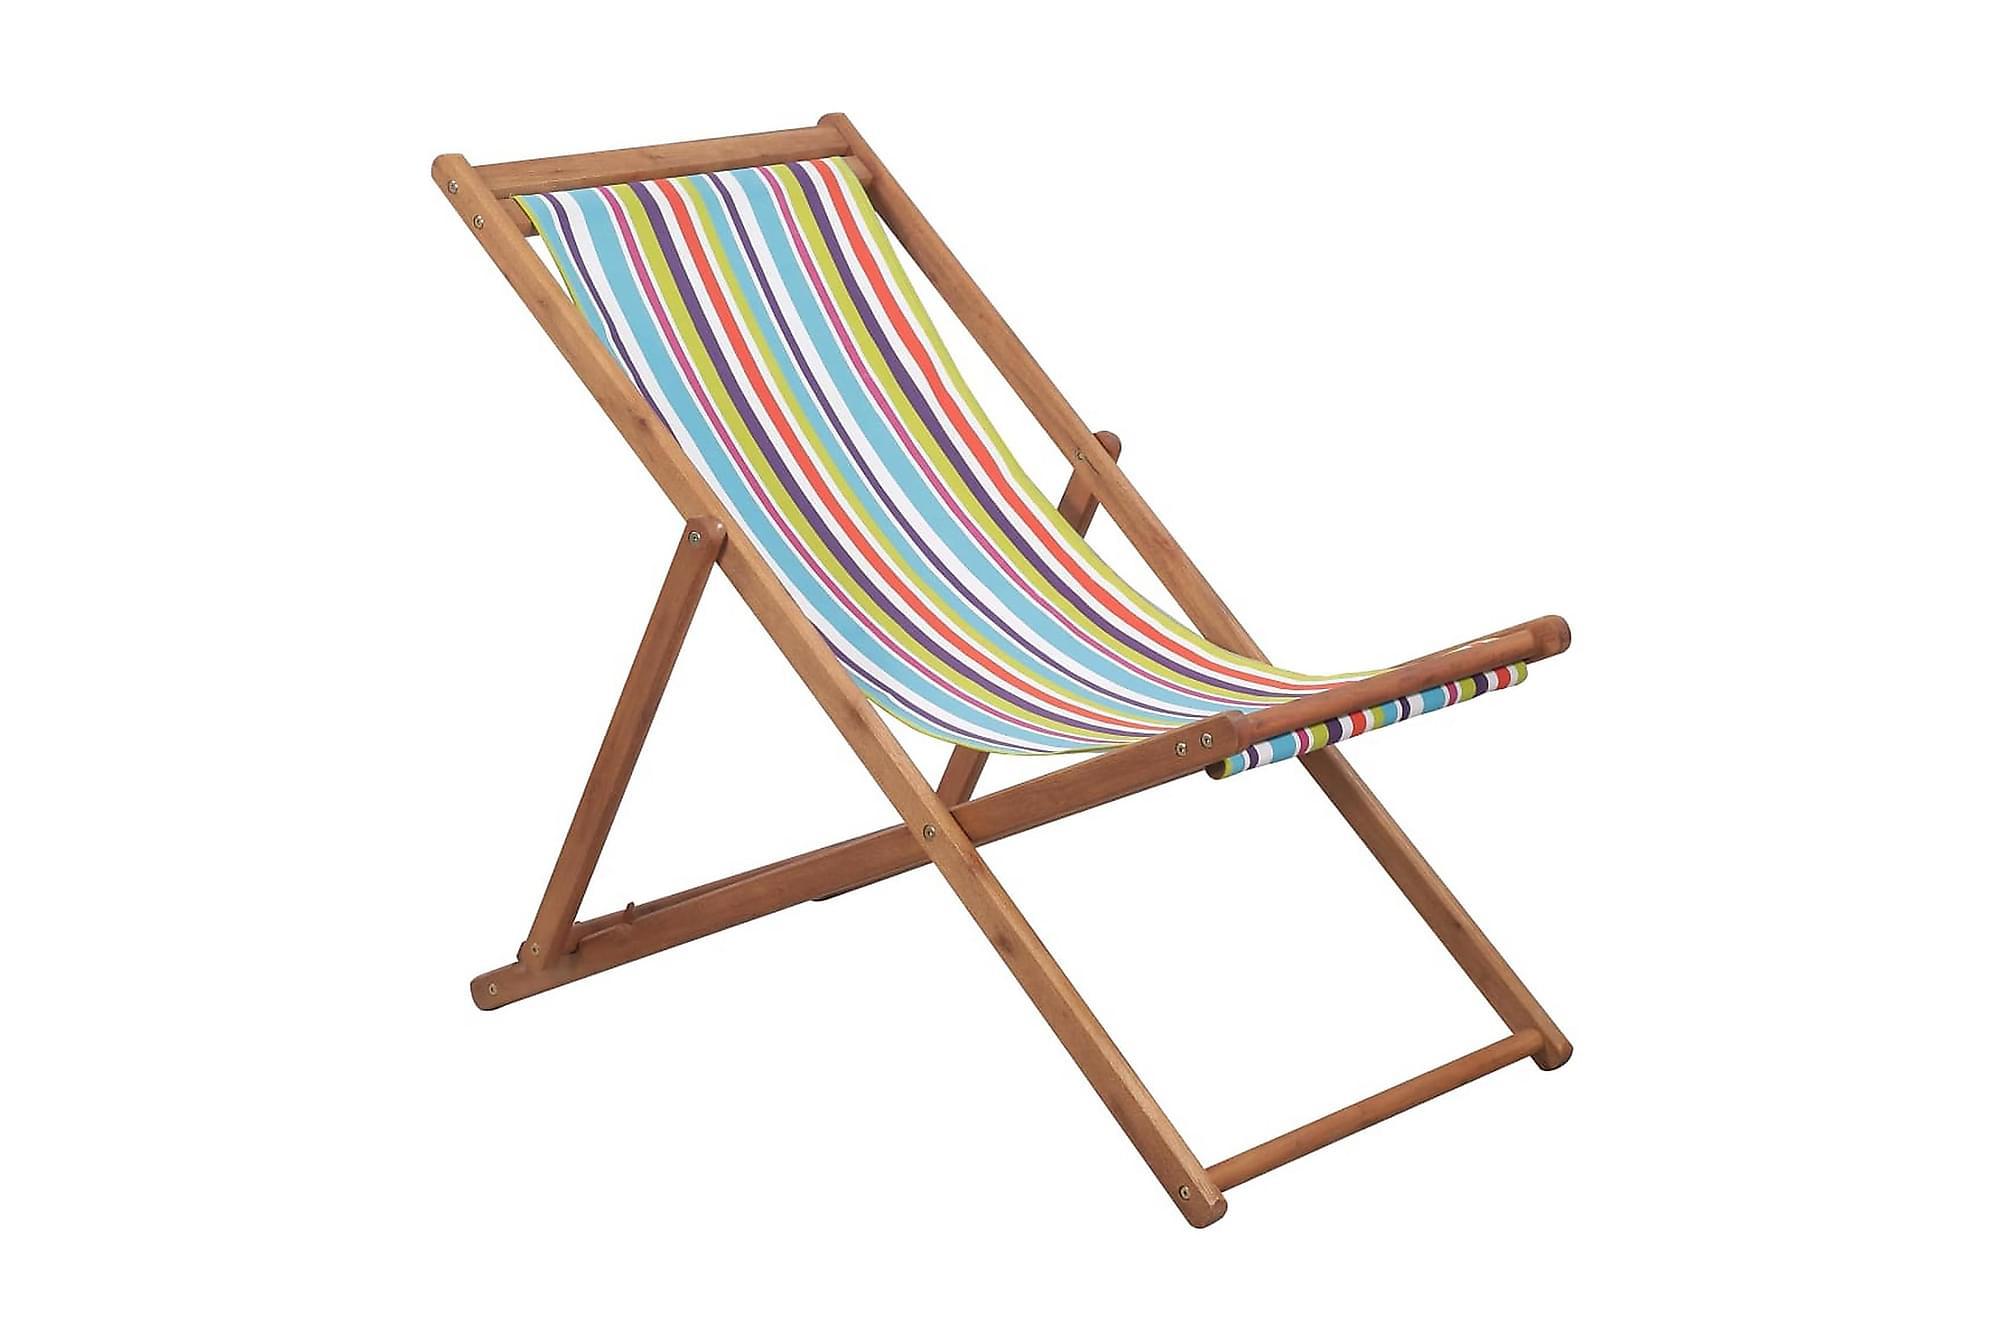 Hopfällbar strandstol tyg och träram flerfärgad, Utestolar